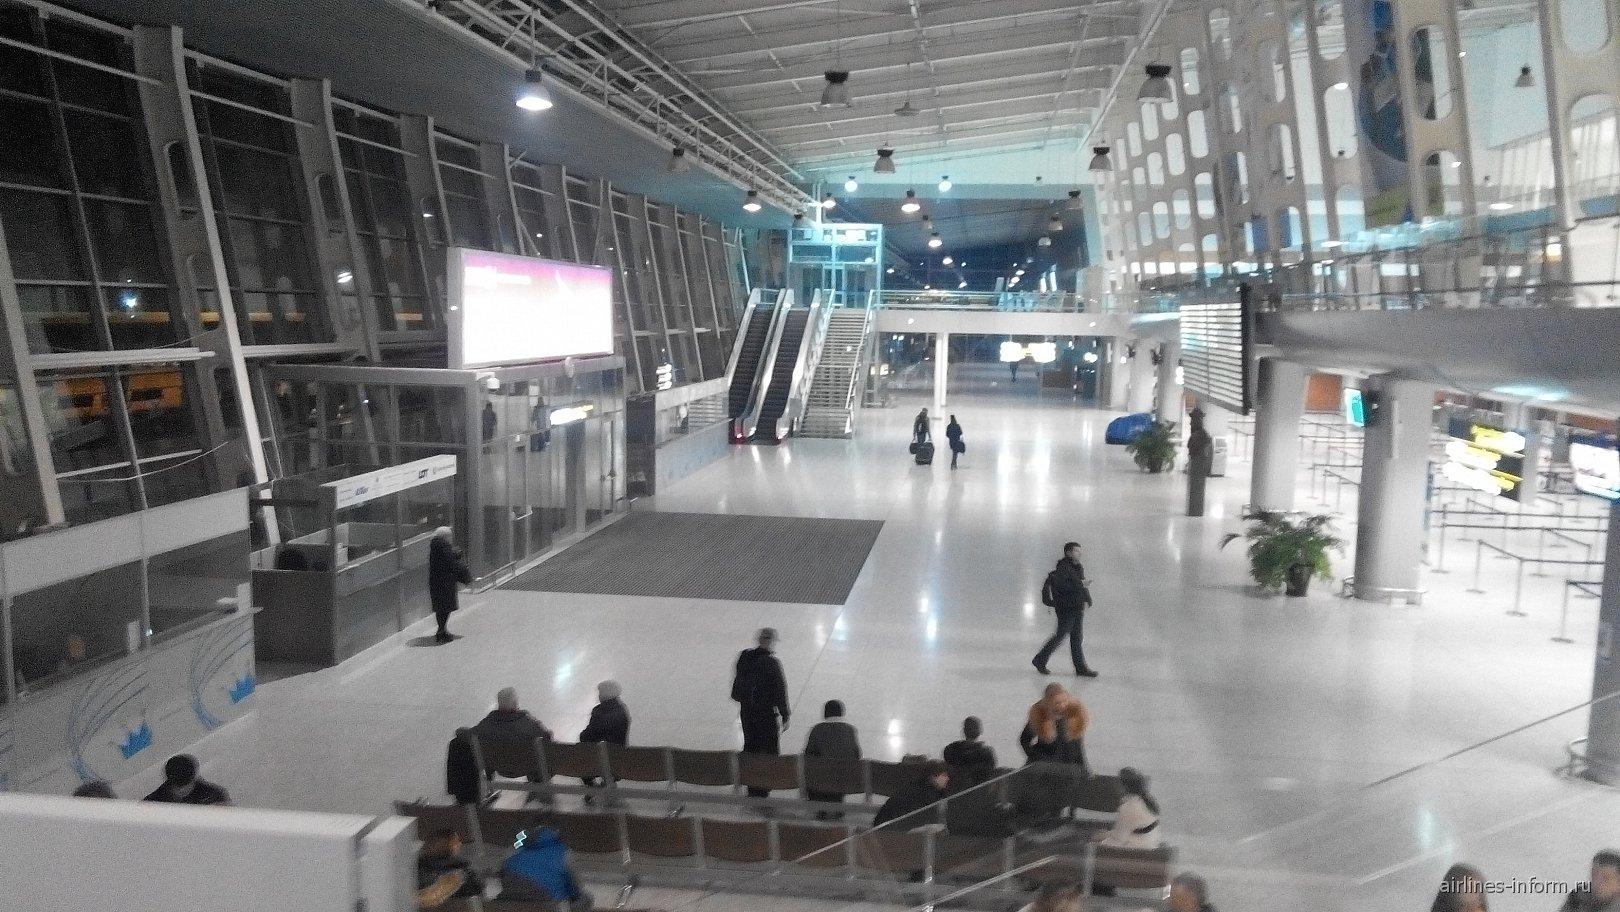 В новом пассажирском терминале аэропорта Львов им. Короля Данилы Галицкого